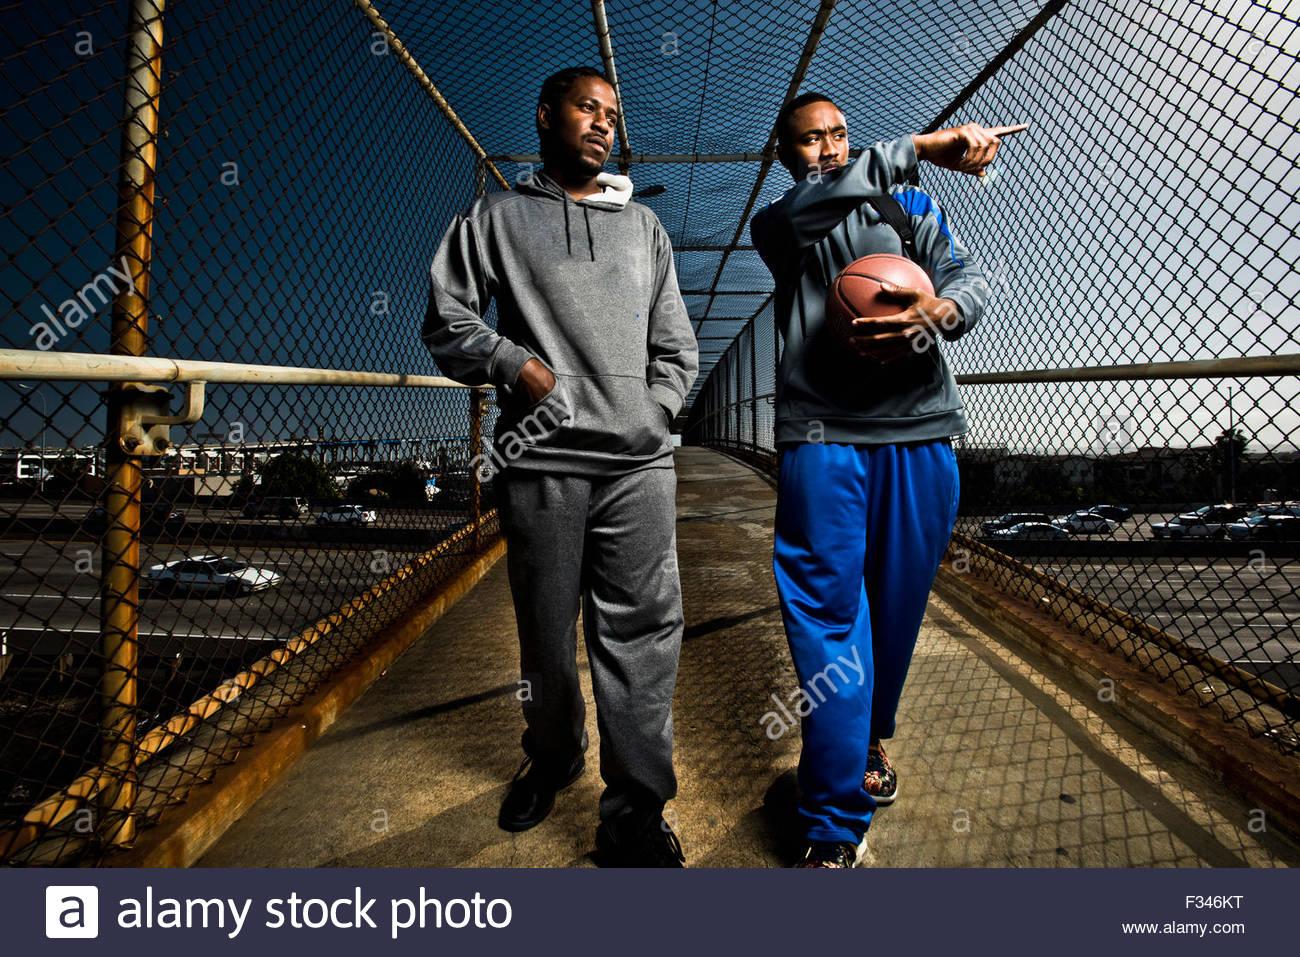 Deux jeunes hommes se promener avec un terrain de basket-ball. Photo Stock